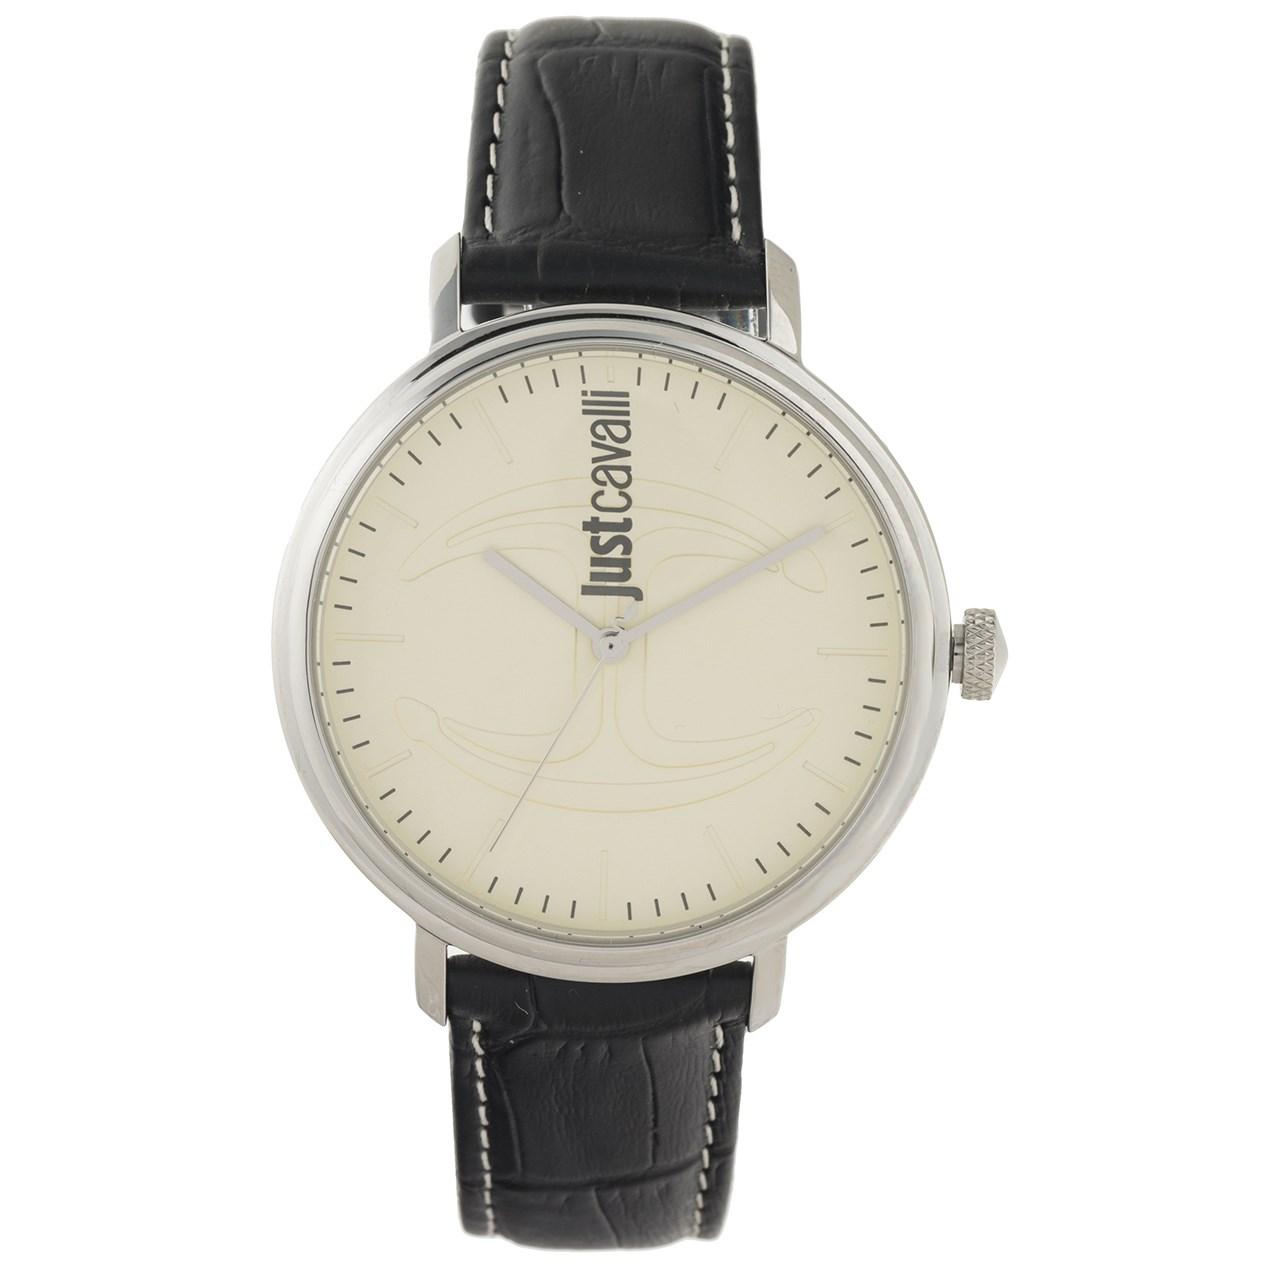 ساعت مچی عقربه ای مردانه جاست کاوالی مدل JC1G012L0025 18